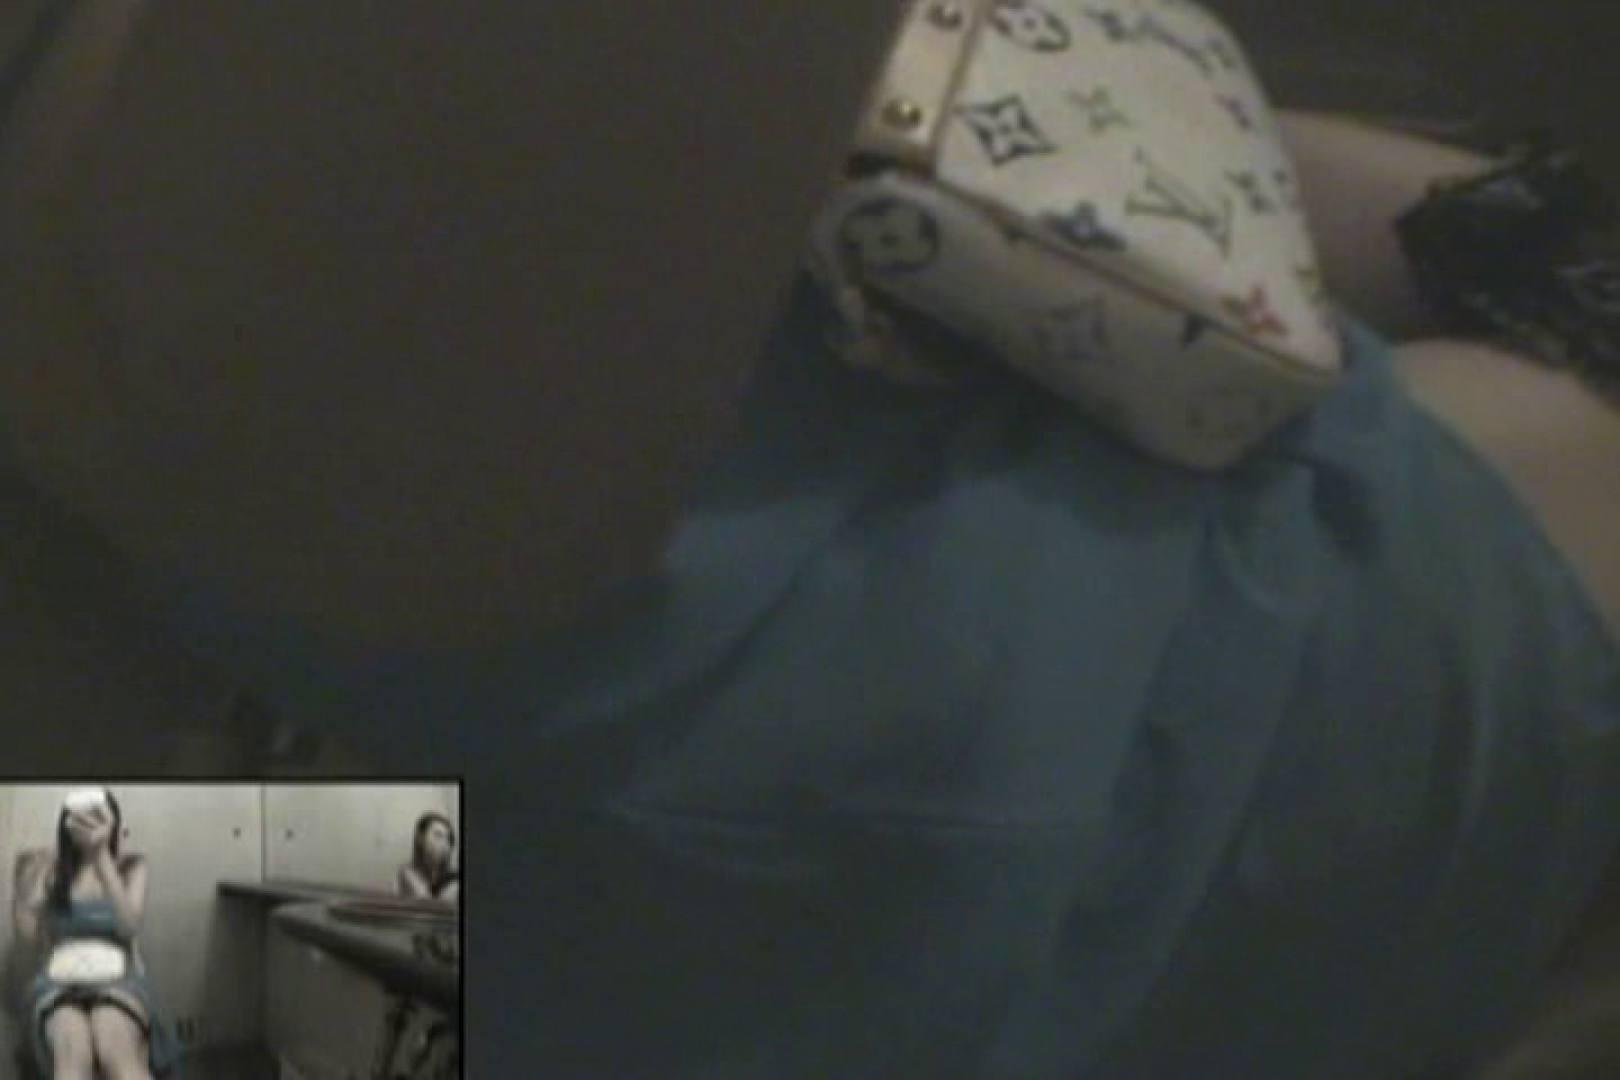 キャバ嬢は仕事の合間でもオナニーします!!Vol.8 OLの実態 隠し撮りAV無料 59pic 2